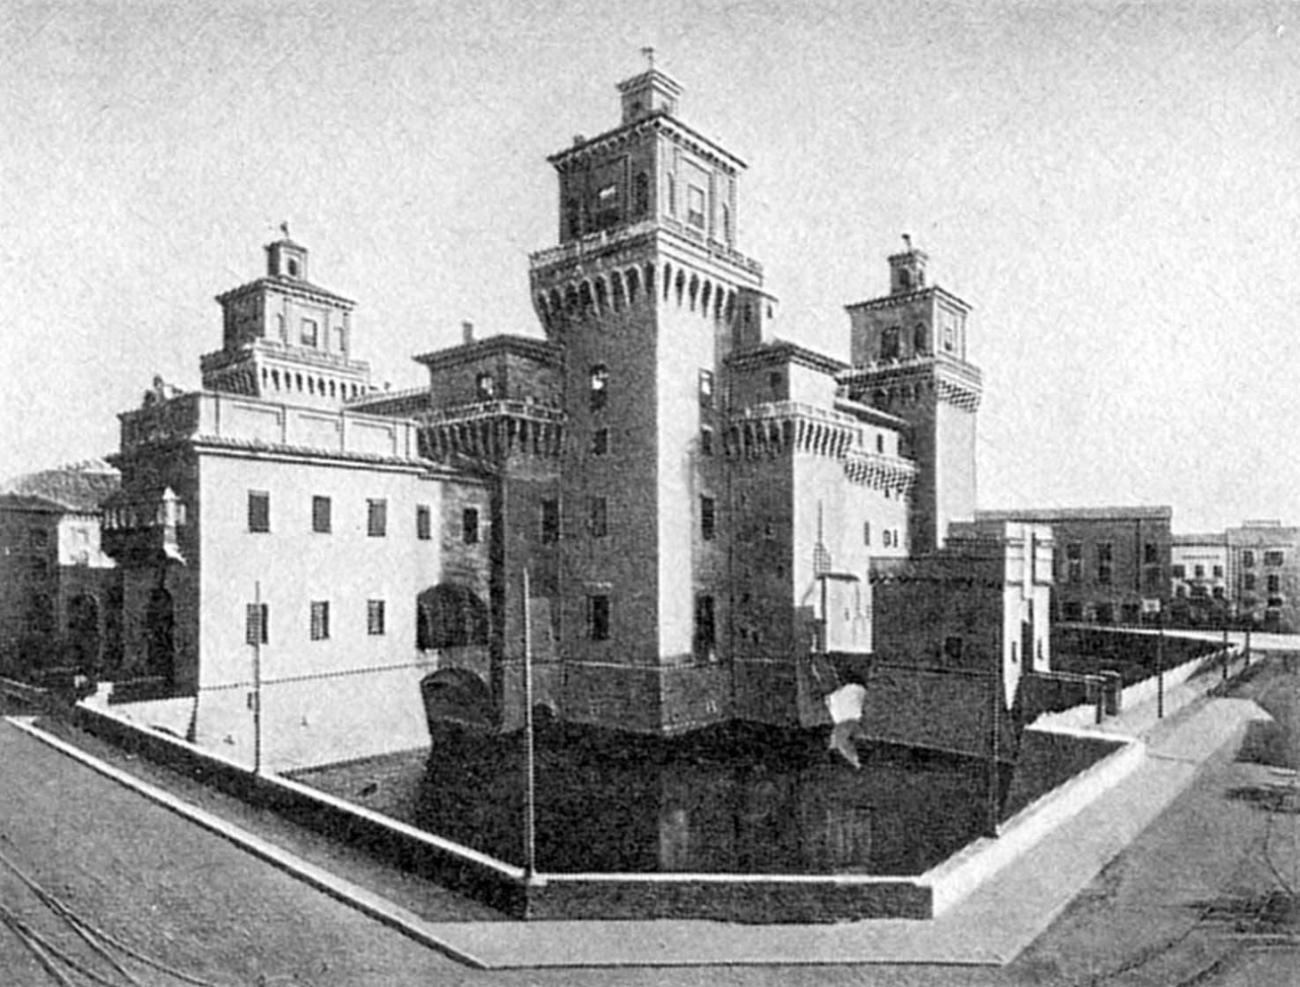 Замок Эсте. 1385 - 1544. Архитекторы Бартолино да Новара и Джироламо да Карпи.